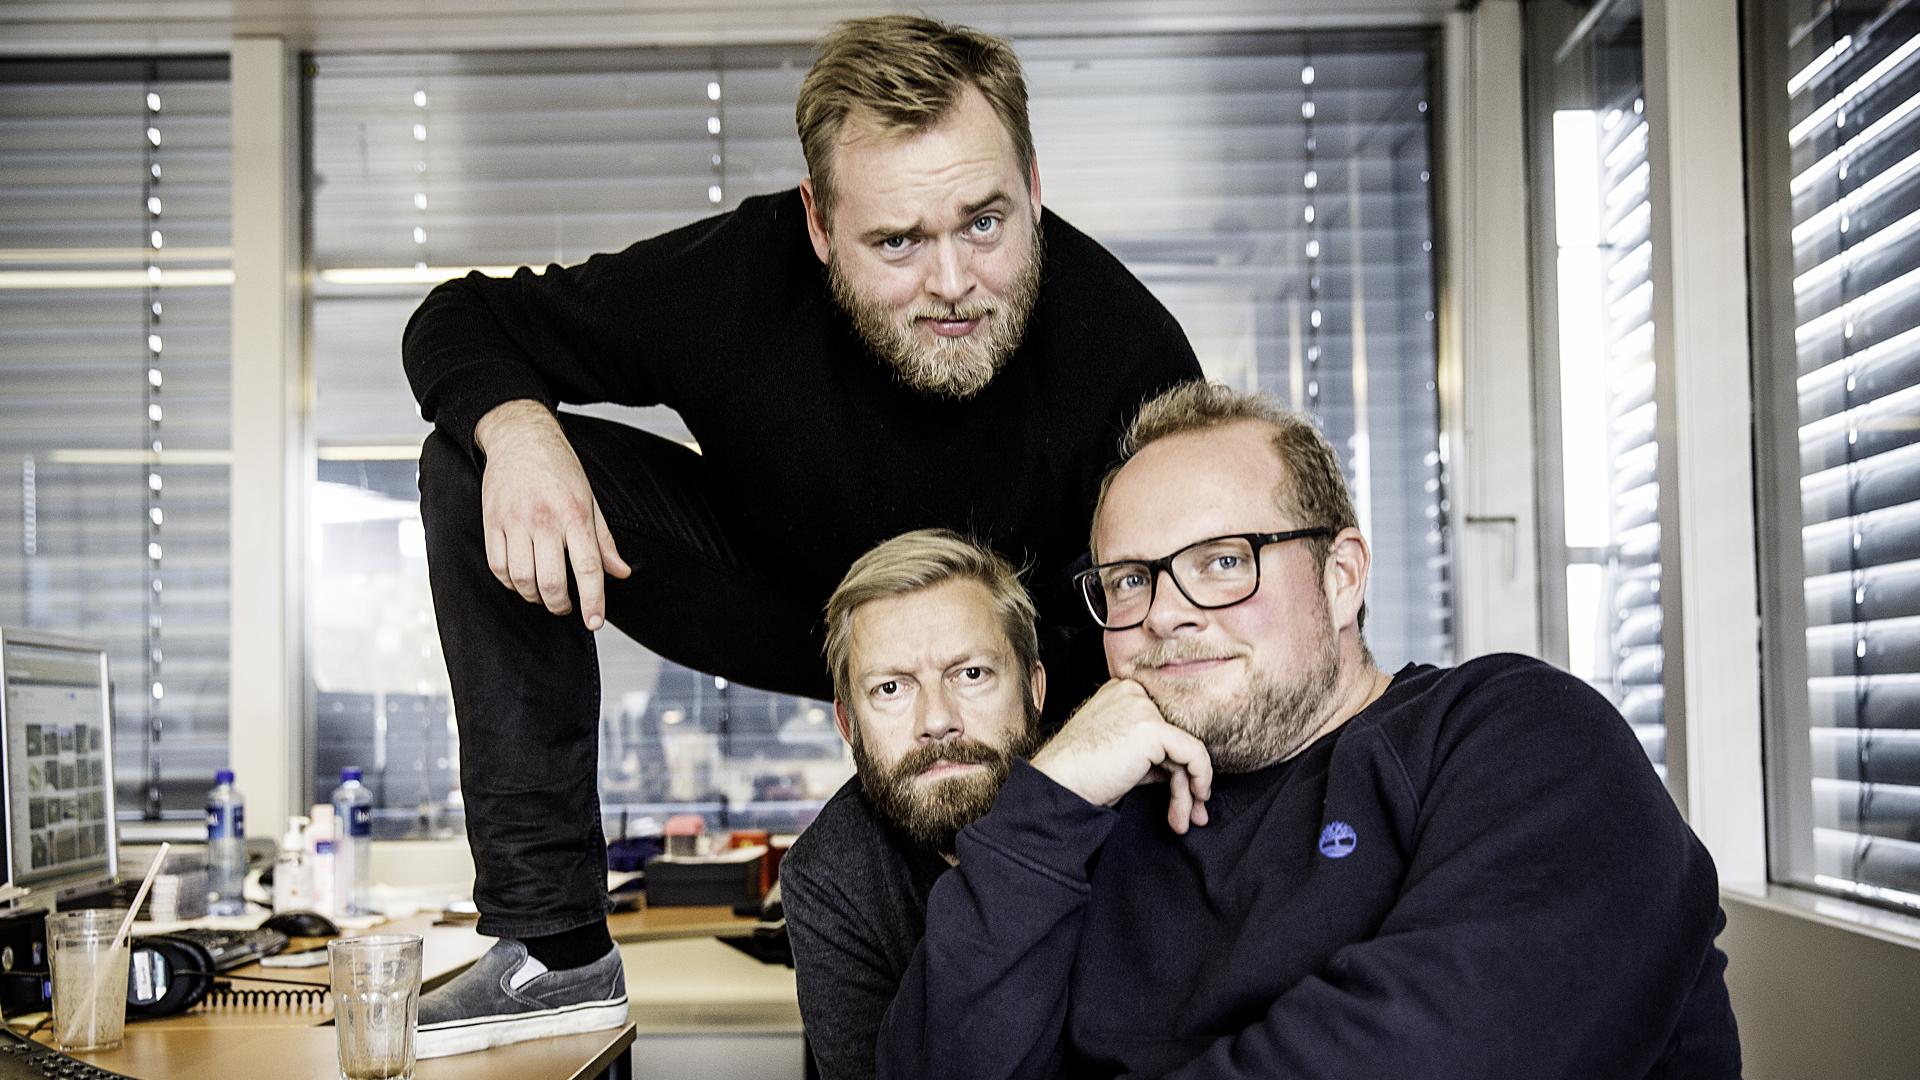 Tore, Bjarte og Steinar i Radioresepsjonen (Foto: Kristoffer Pettersen Rambøl, NRK P3).